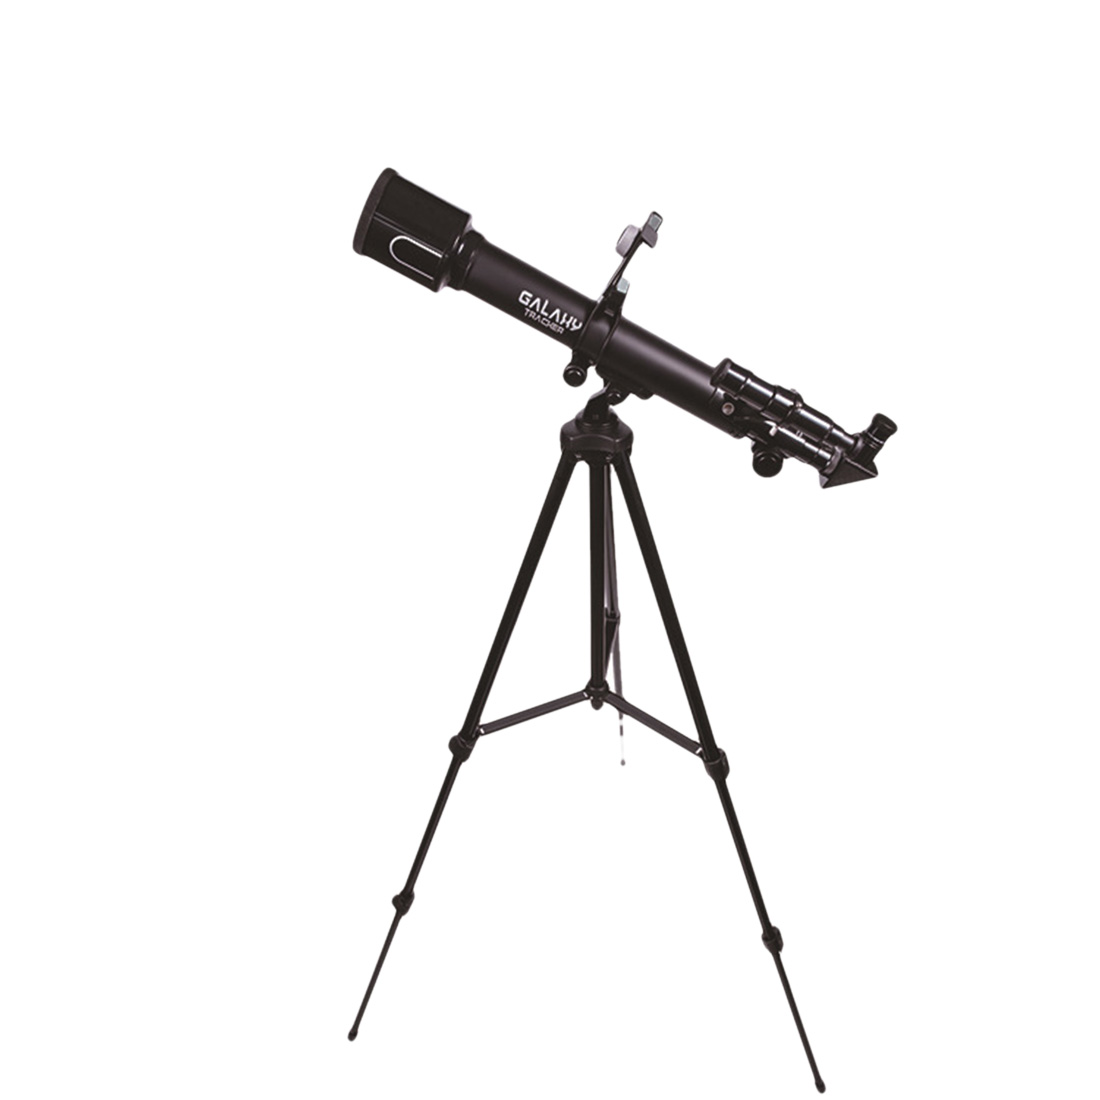 Entrée-niveau 125x50mm Suivi Étoiles télescope hd bricolage Enfants Science Vapeur Tige Jouets cadeau de noël jouets d'apprentissage Pour Les Enfants